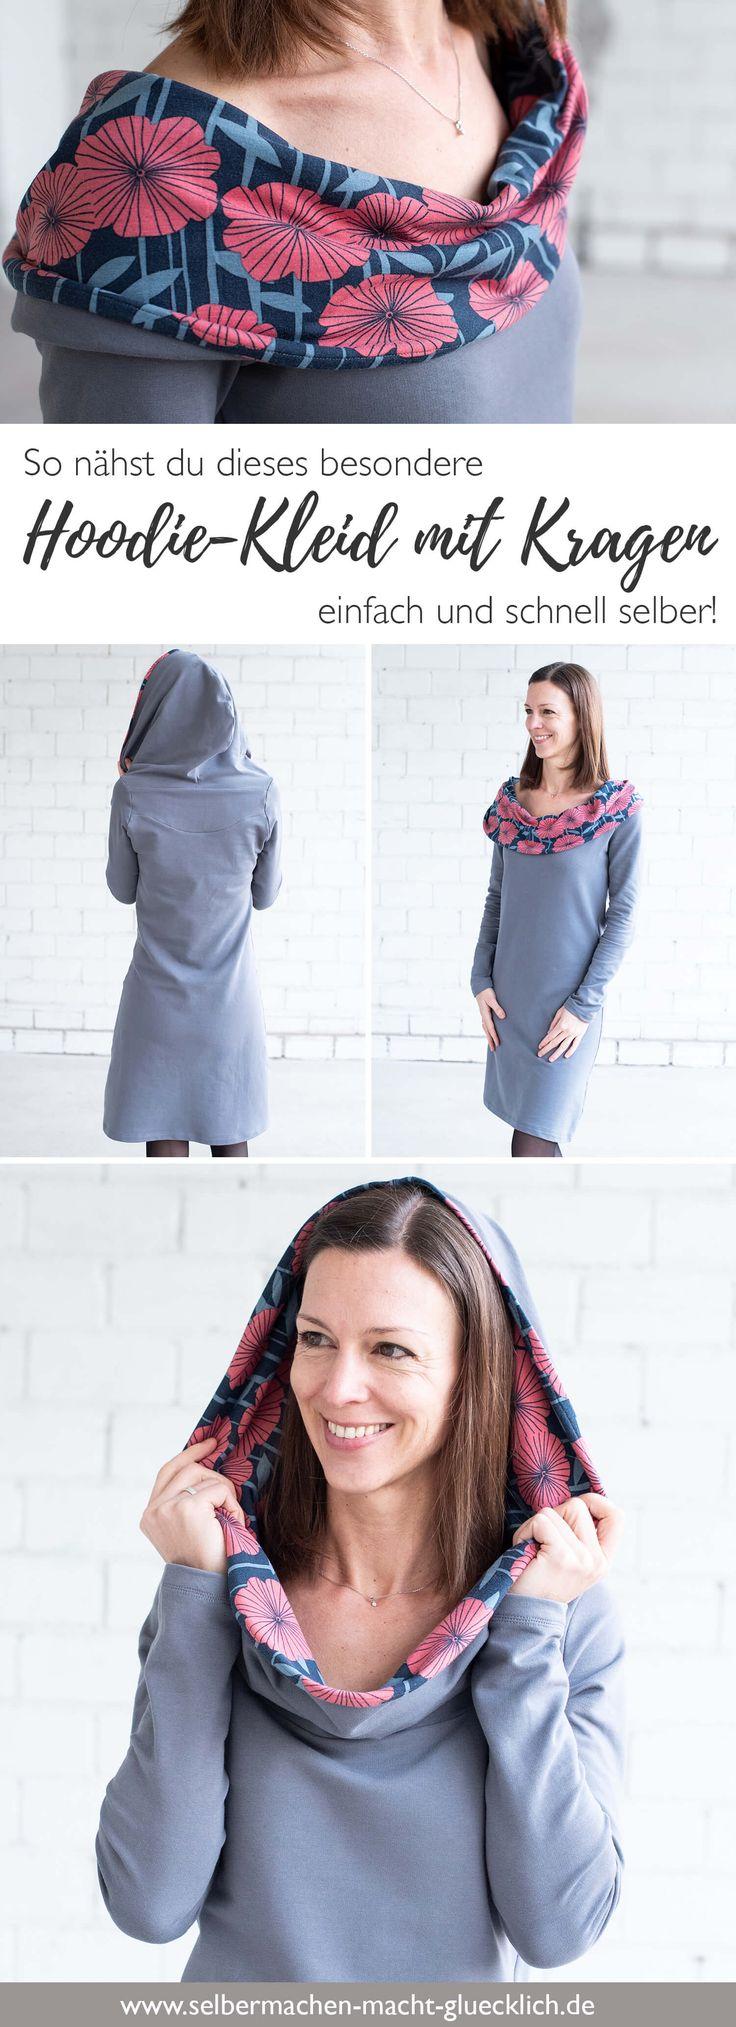 Hoodie-Kleid: Näh dir dieses besondere Schnittmuster einfach selber!